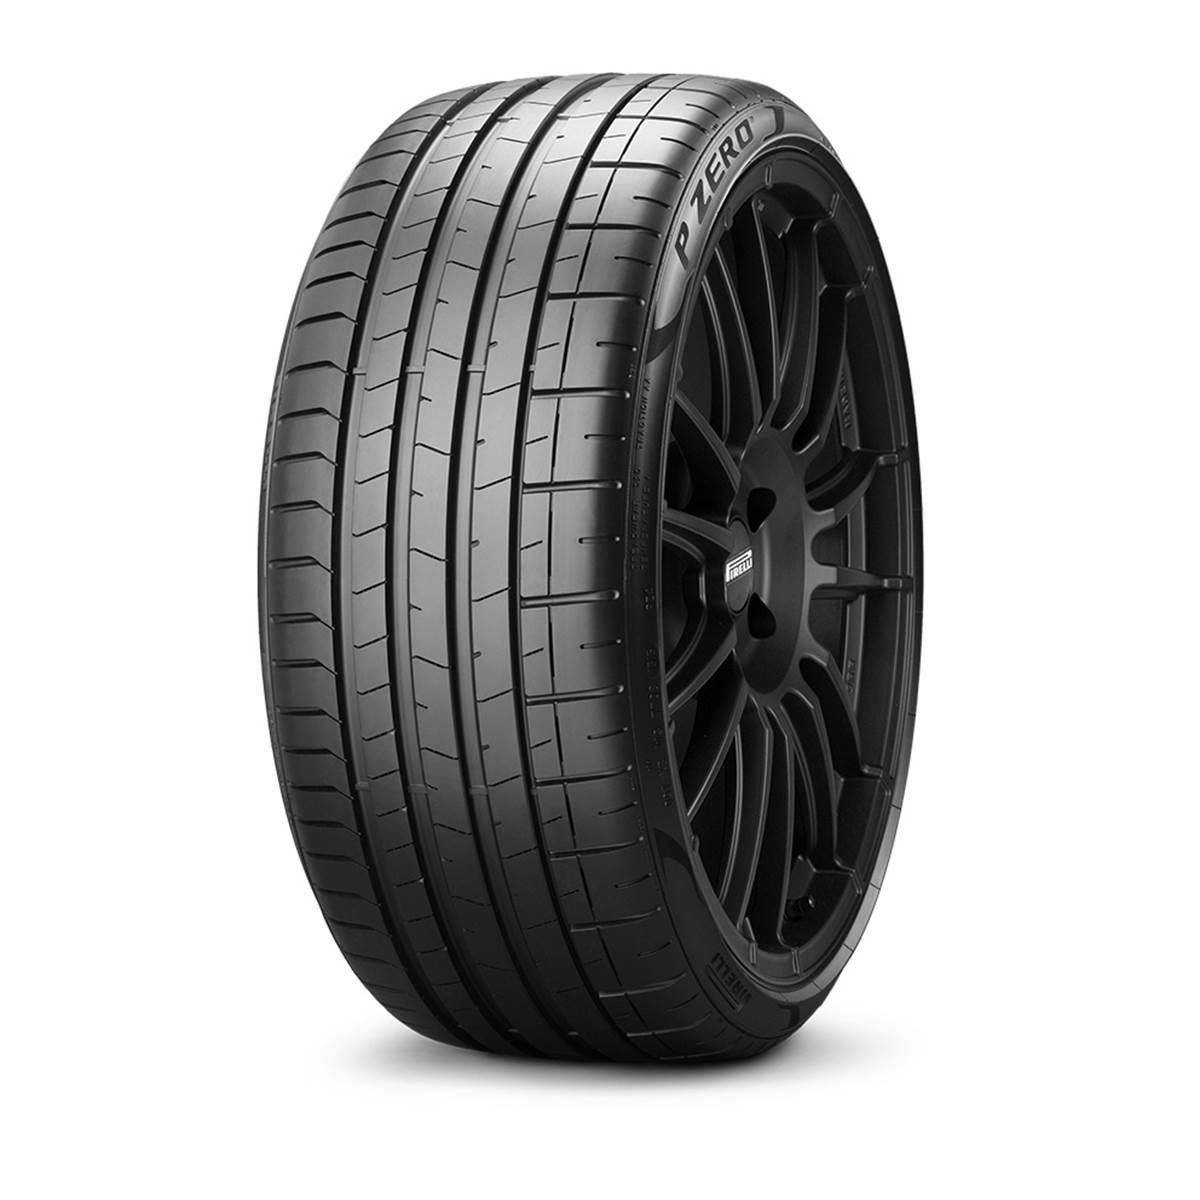 Pneu Pirelli 285/40R19 107Y Pzero XL